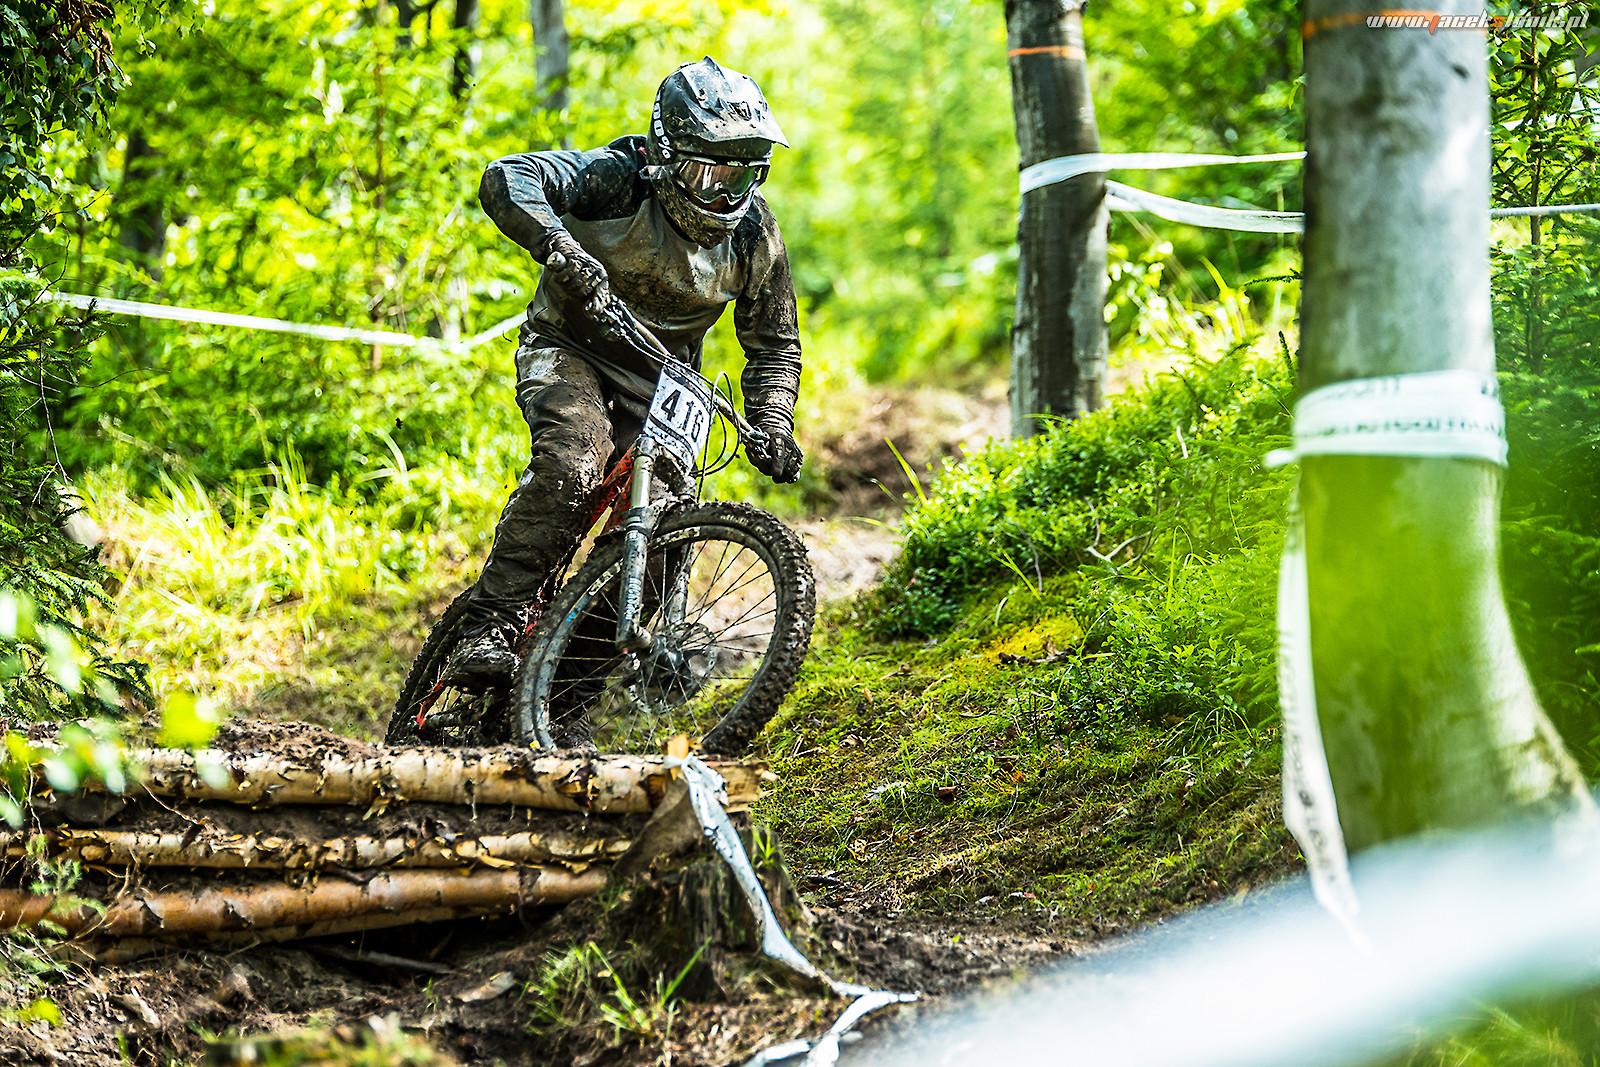 HDL - Puchar Polski - Szczyrk, Skrzyczne - Bryla123321 - Mountain Biking Pictures - Vital MTB